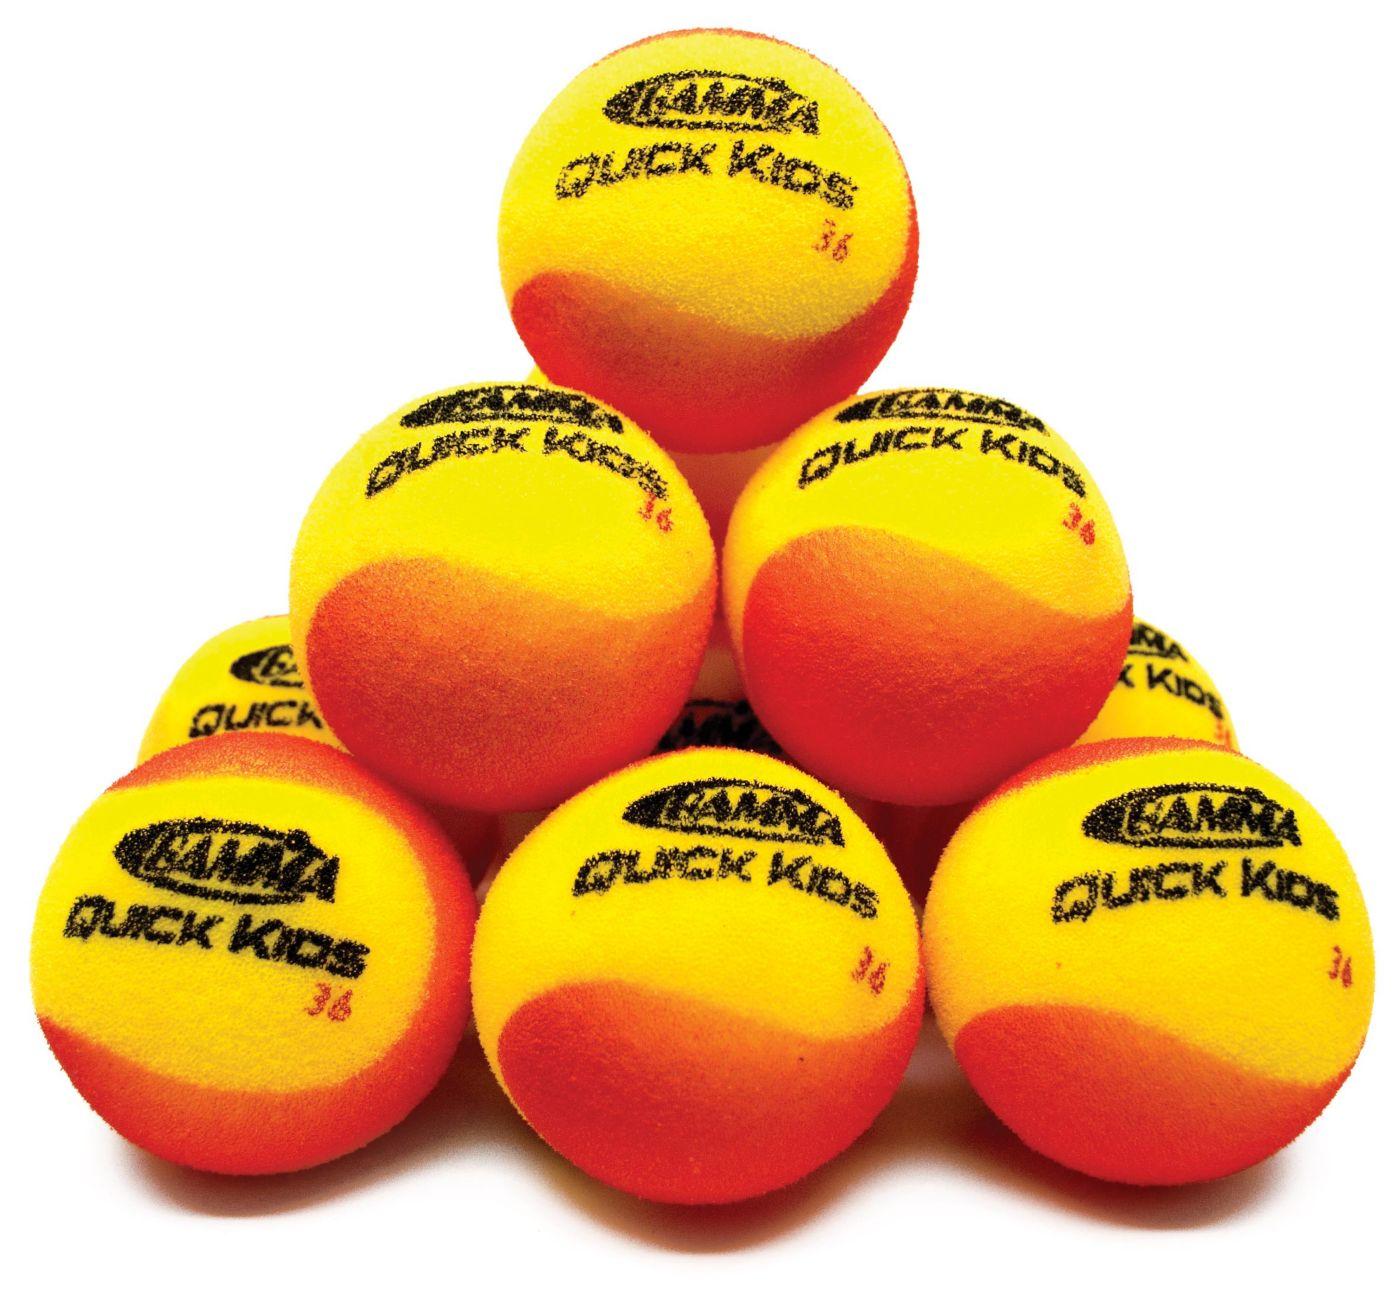 GAMMA Quick Kids 36' Tennis Balls - 12 Ball Pack